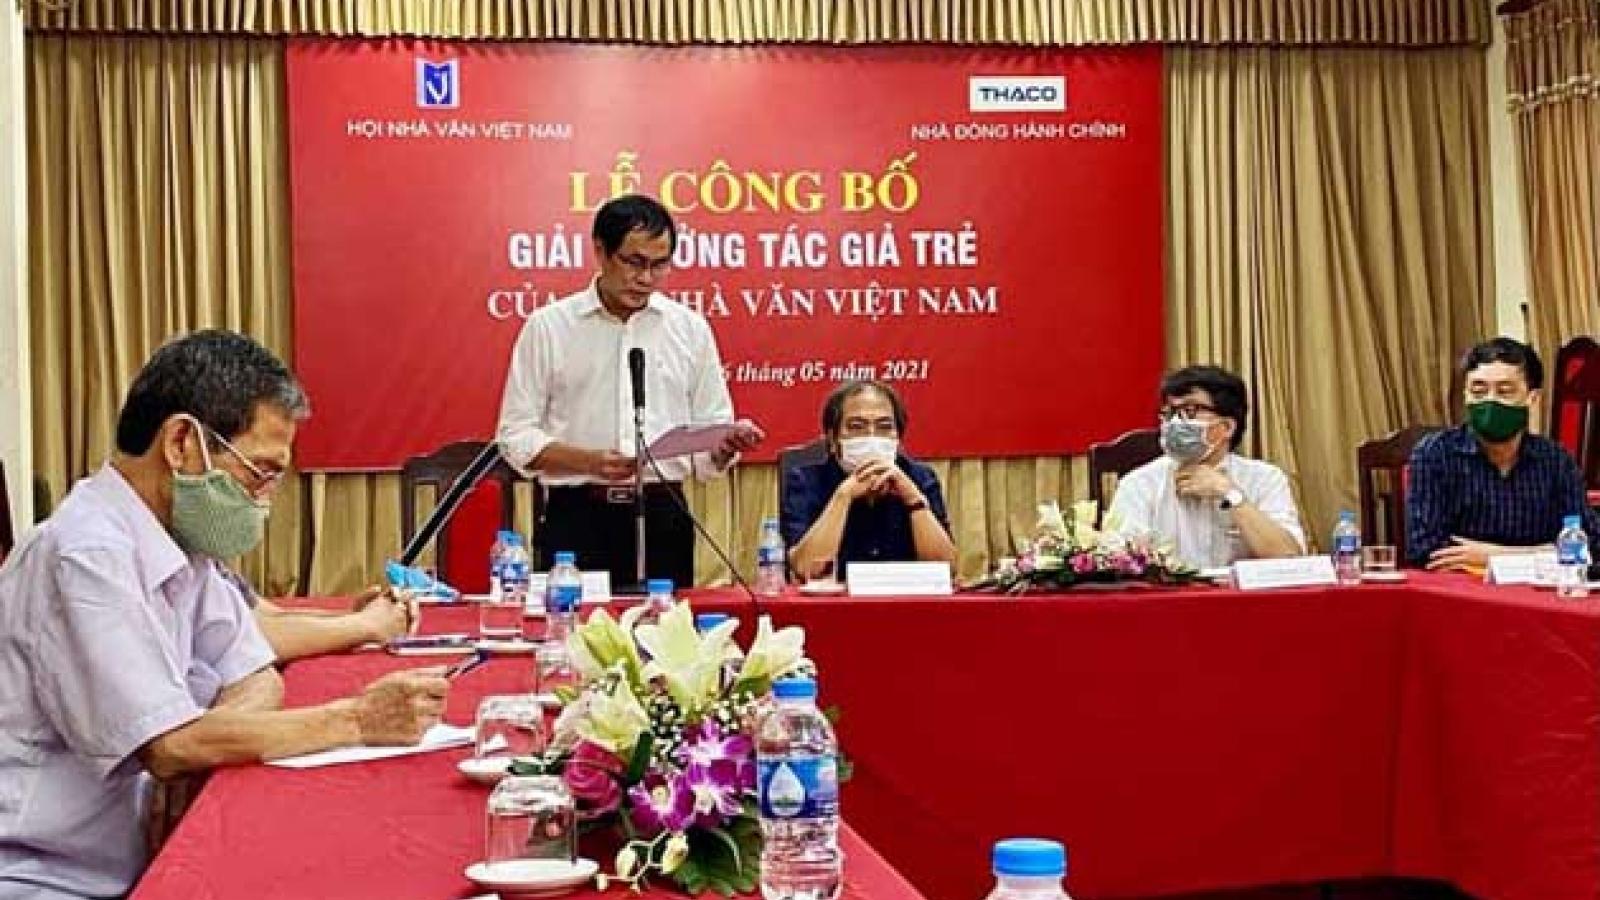 """""""10 năm nữa sẽ có một gương mặt mới mẻ hơn trong chân dung văn học Việt Nam"""""""